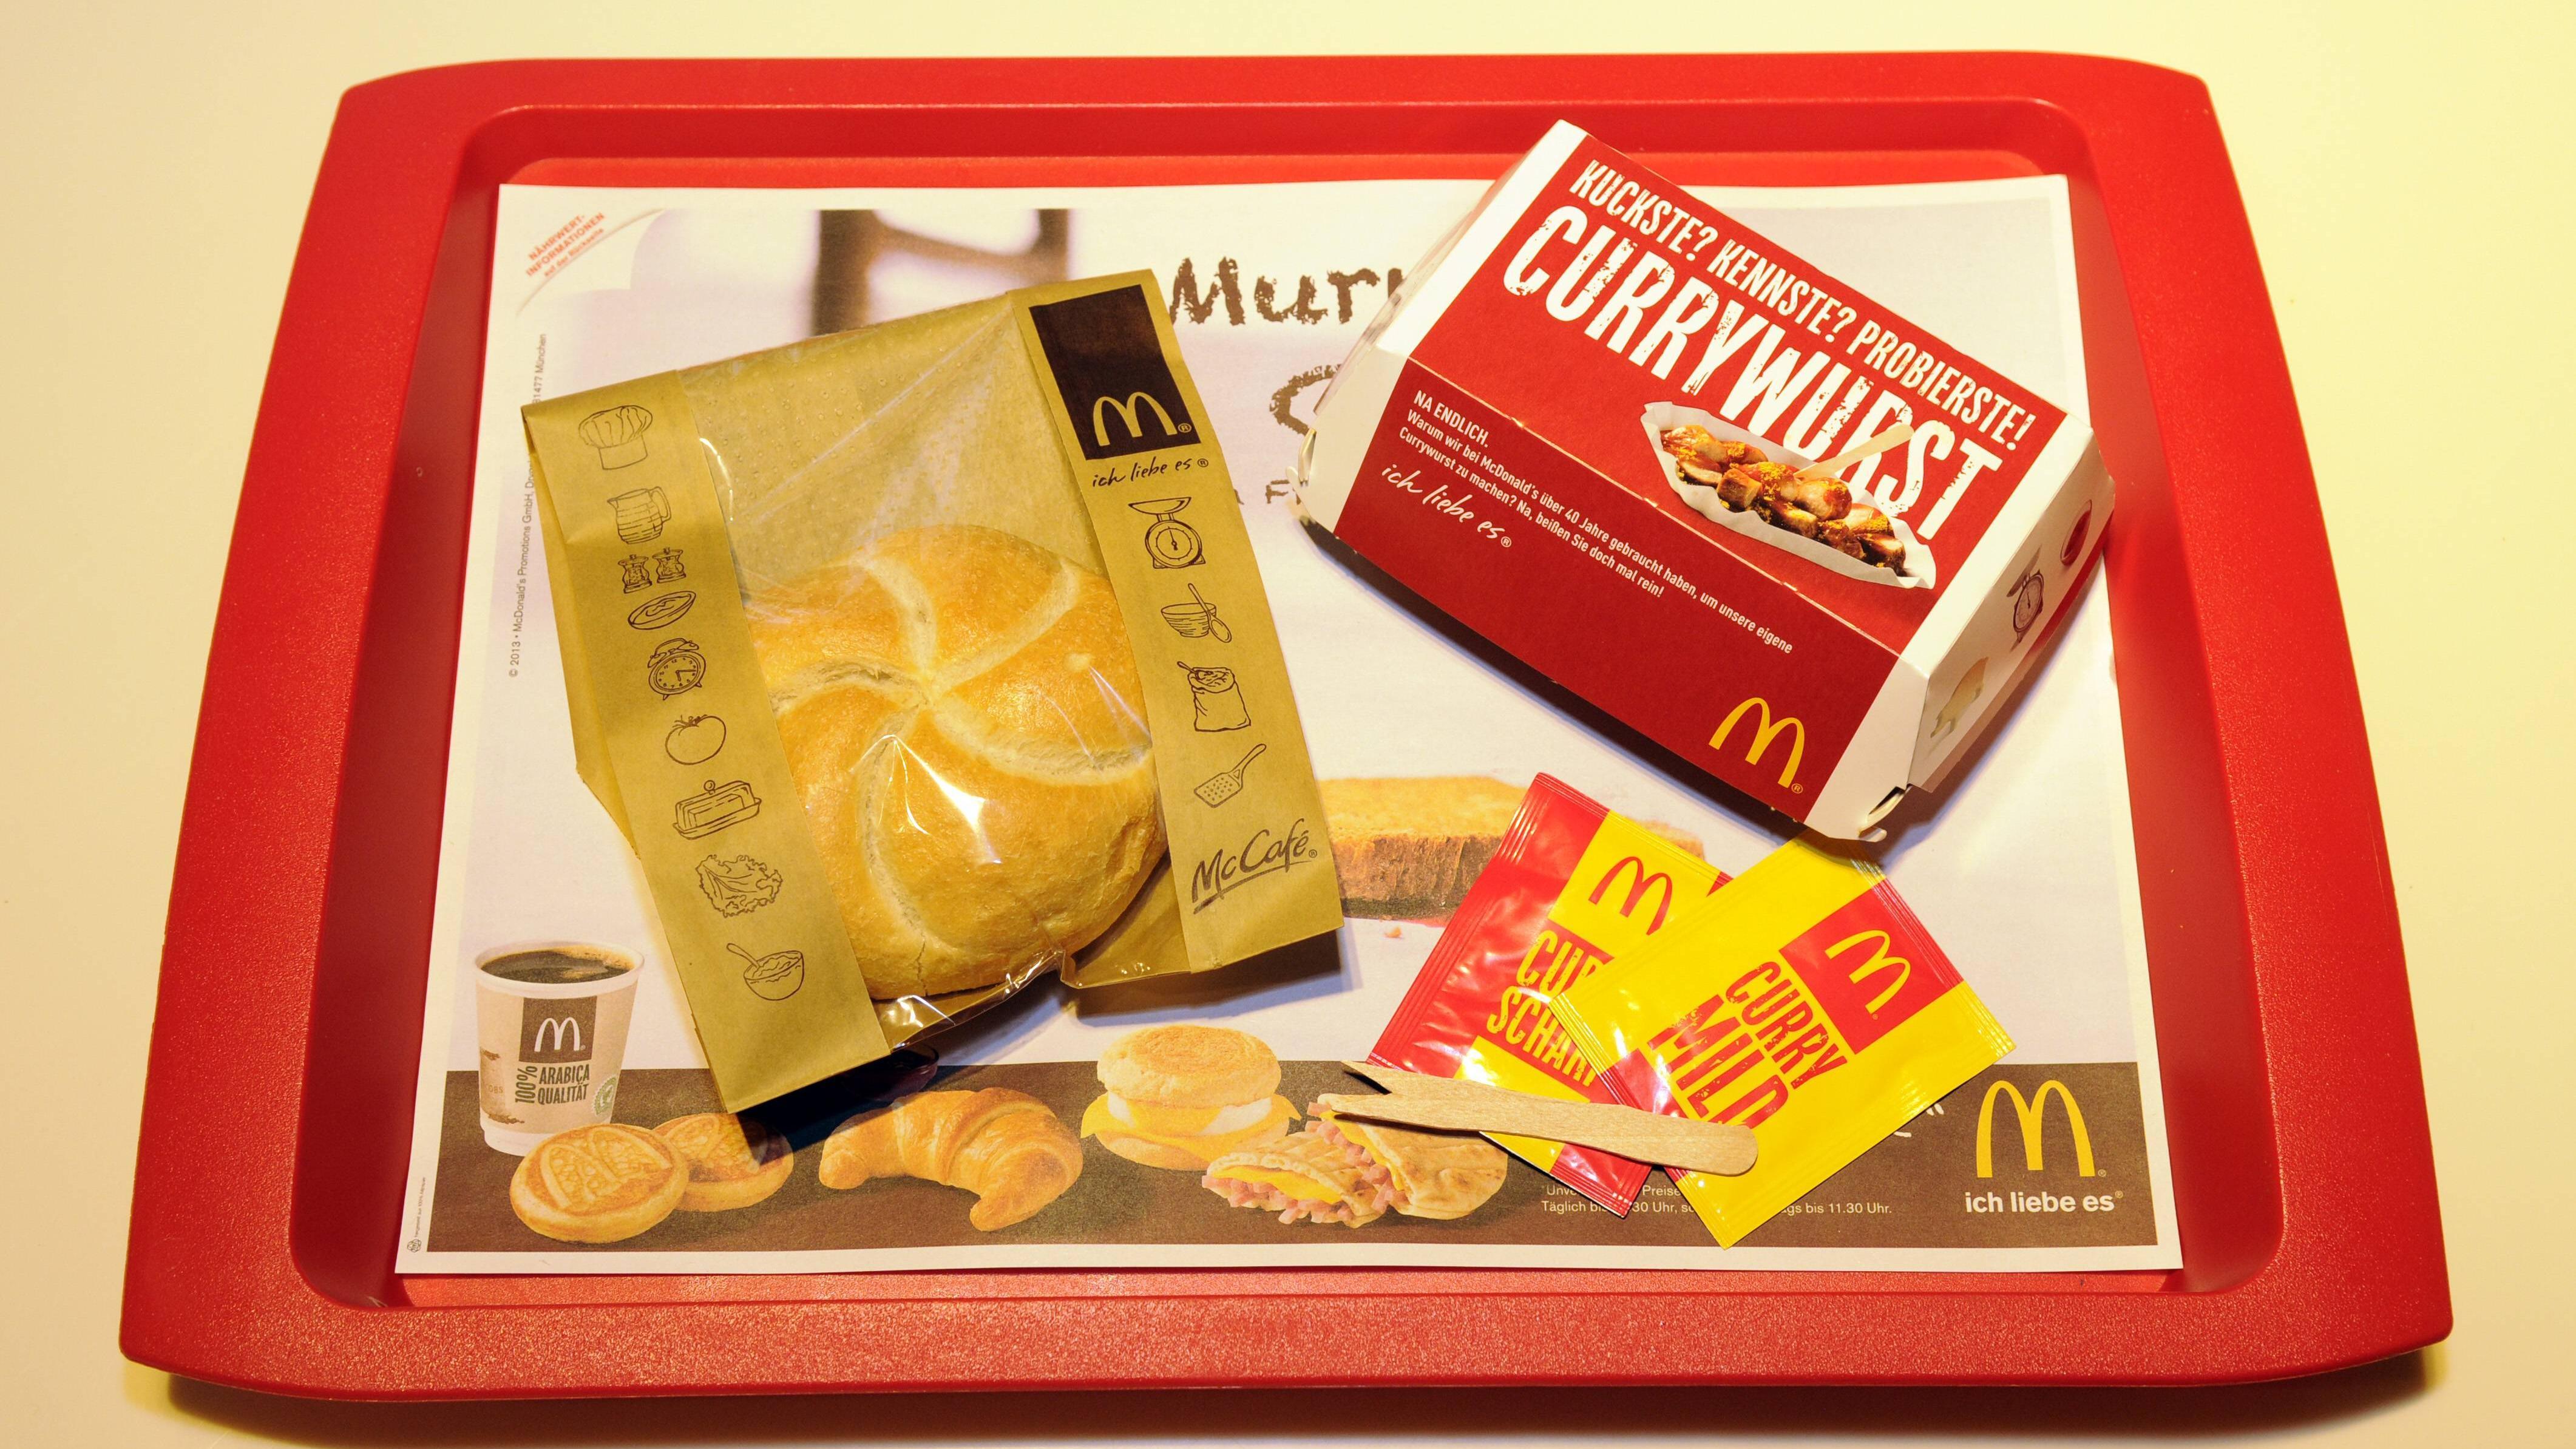 McDonald's Beschwerde einreichen - so geht's